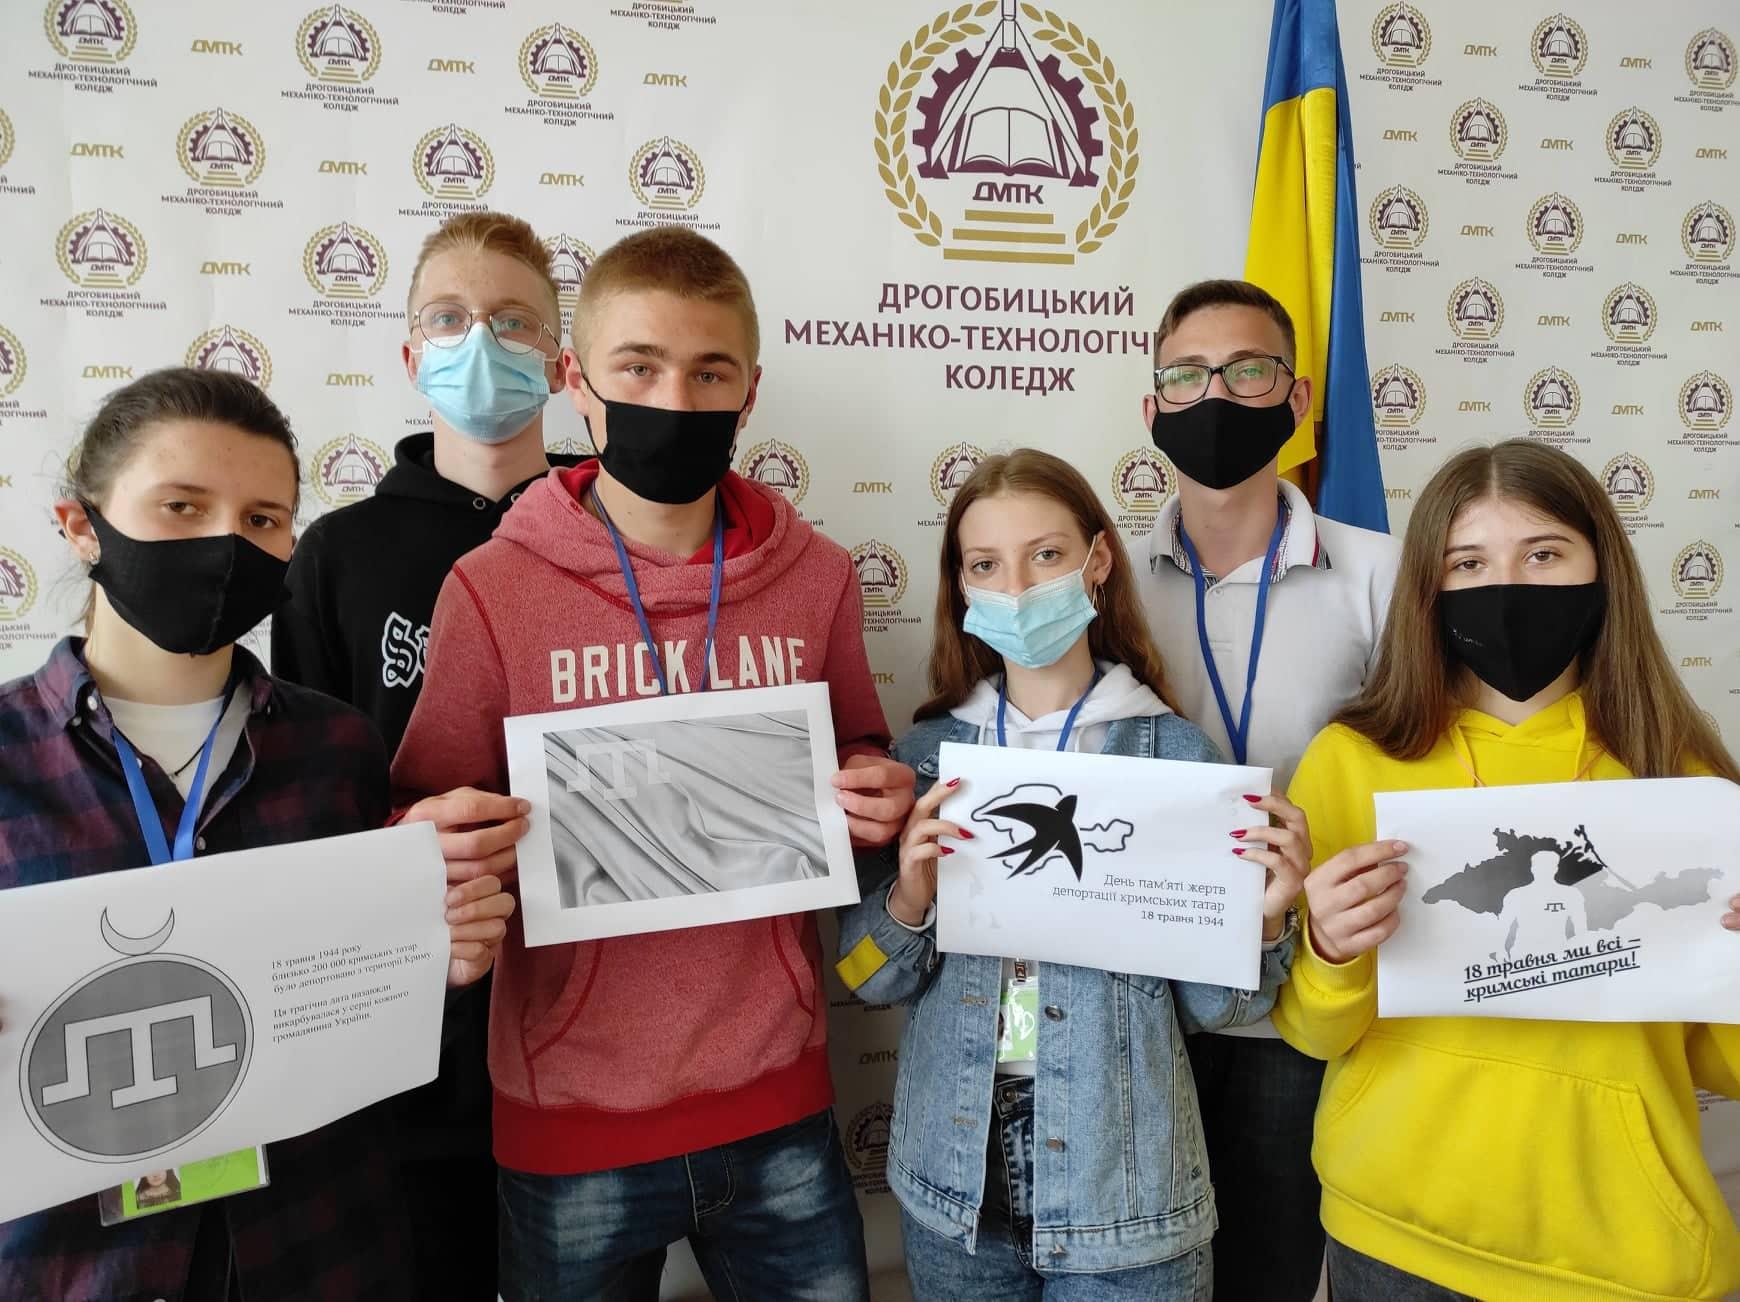 18 травня – День пам'яті жертв геноциду кримськотатарського народу –